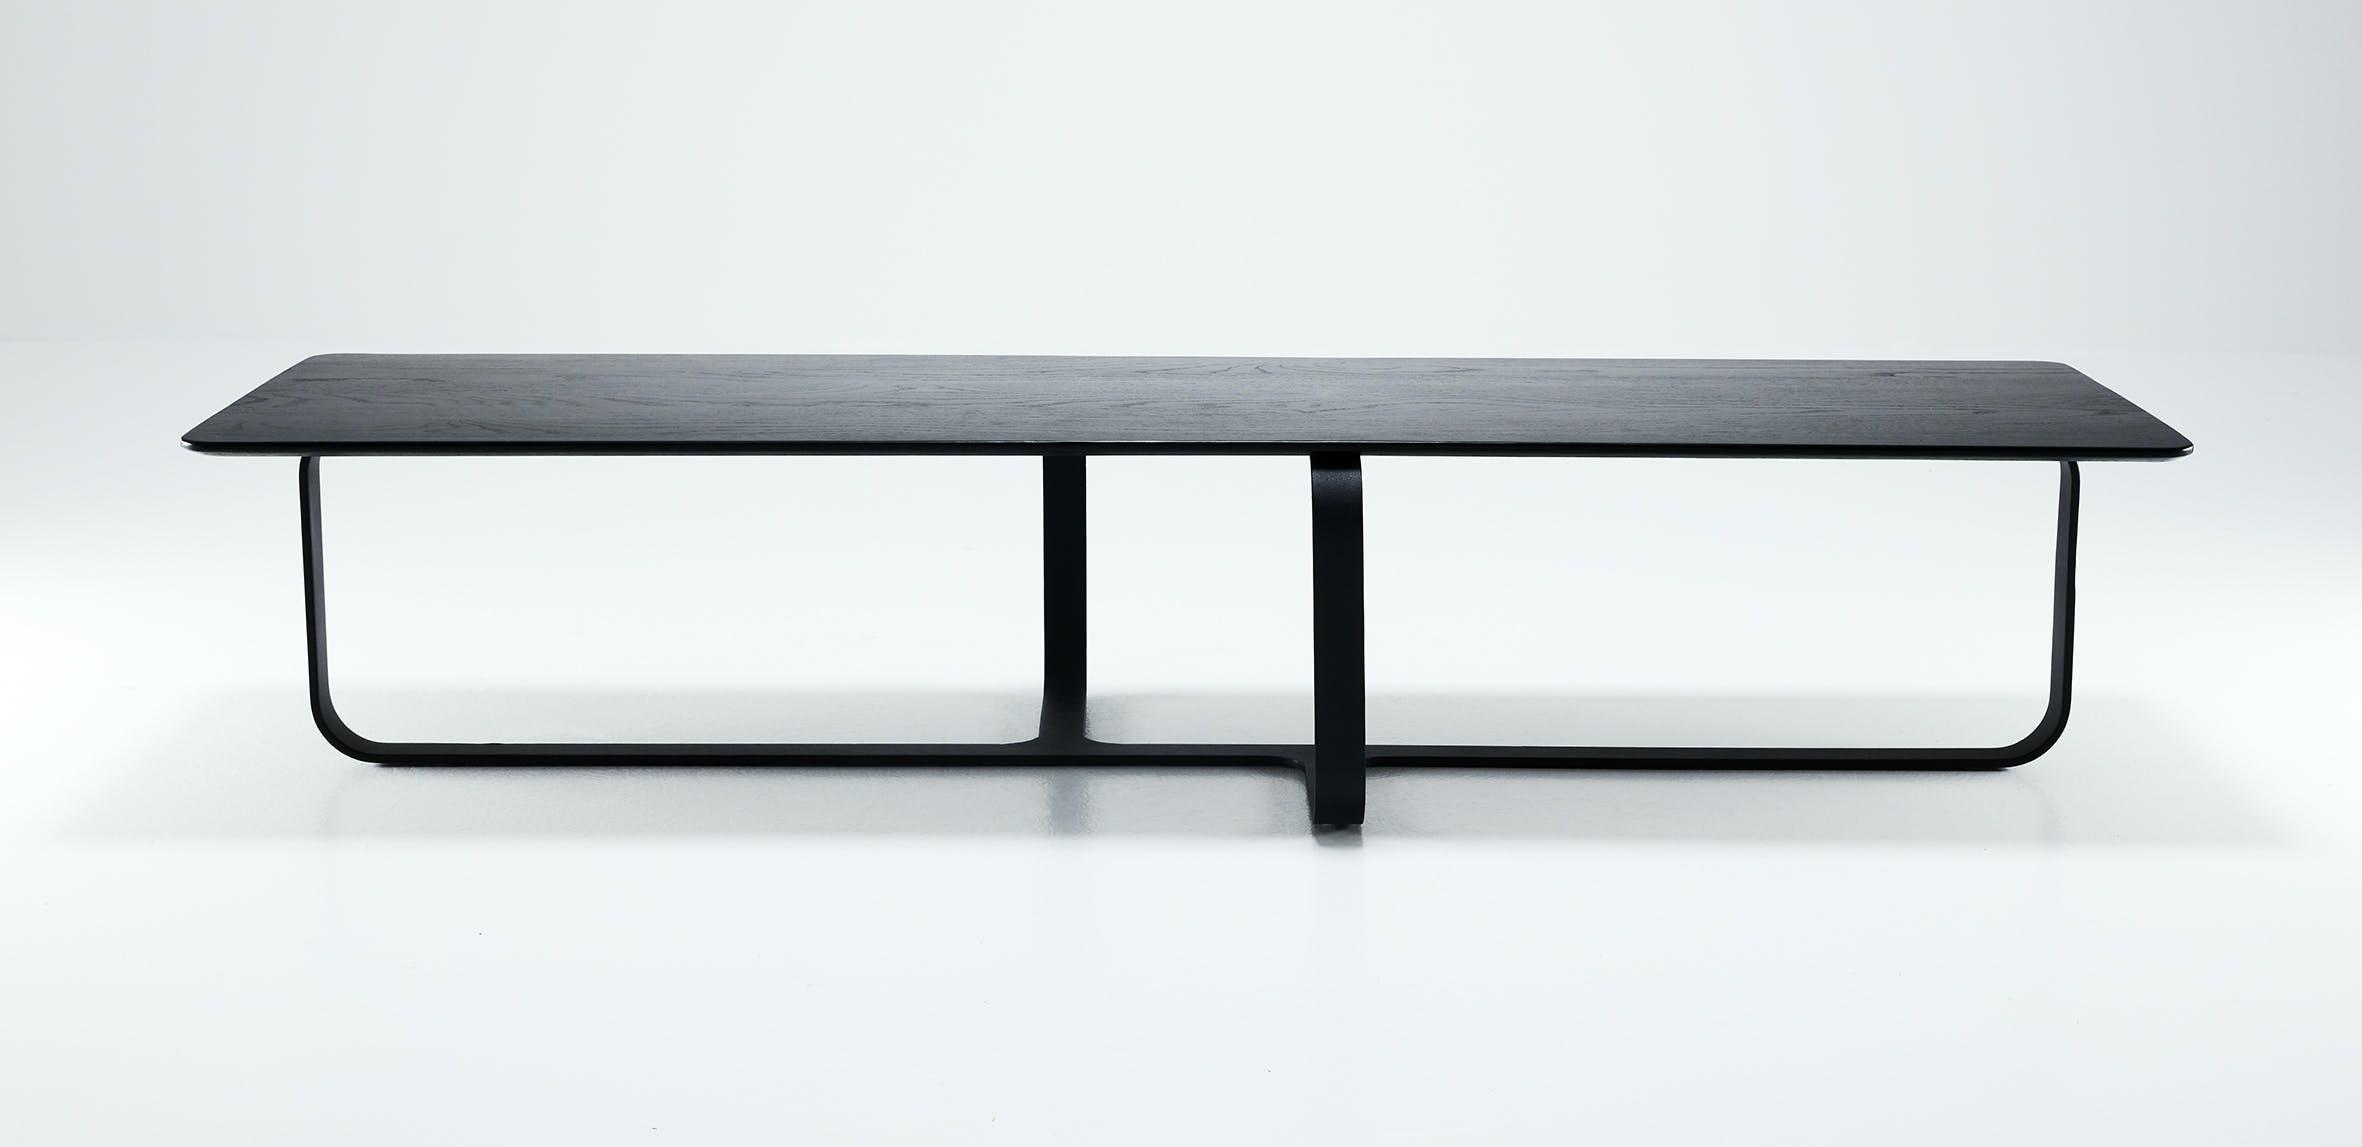 Wendelbo-long-side-root-table-haute-living